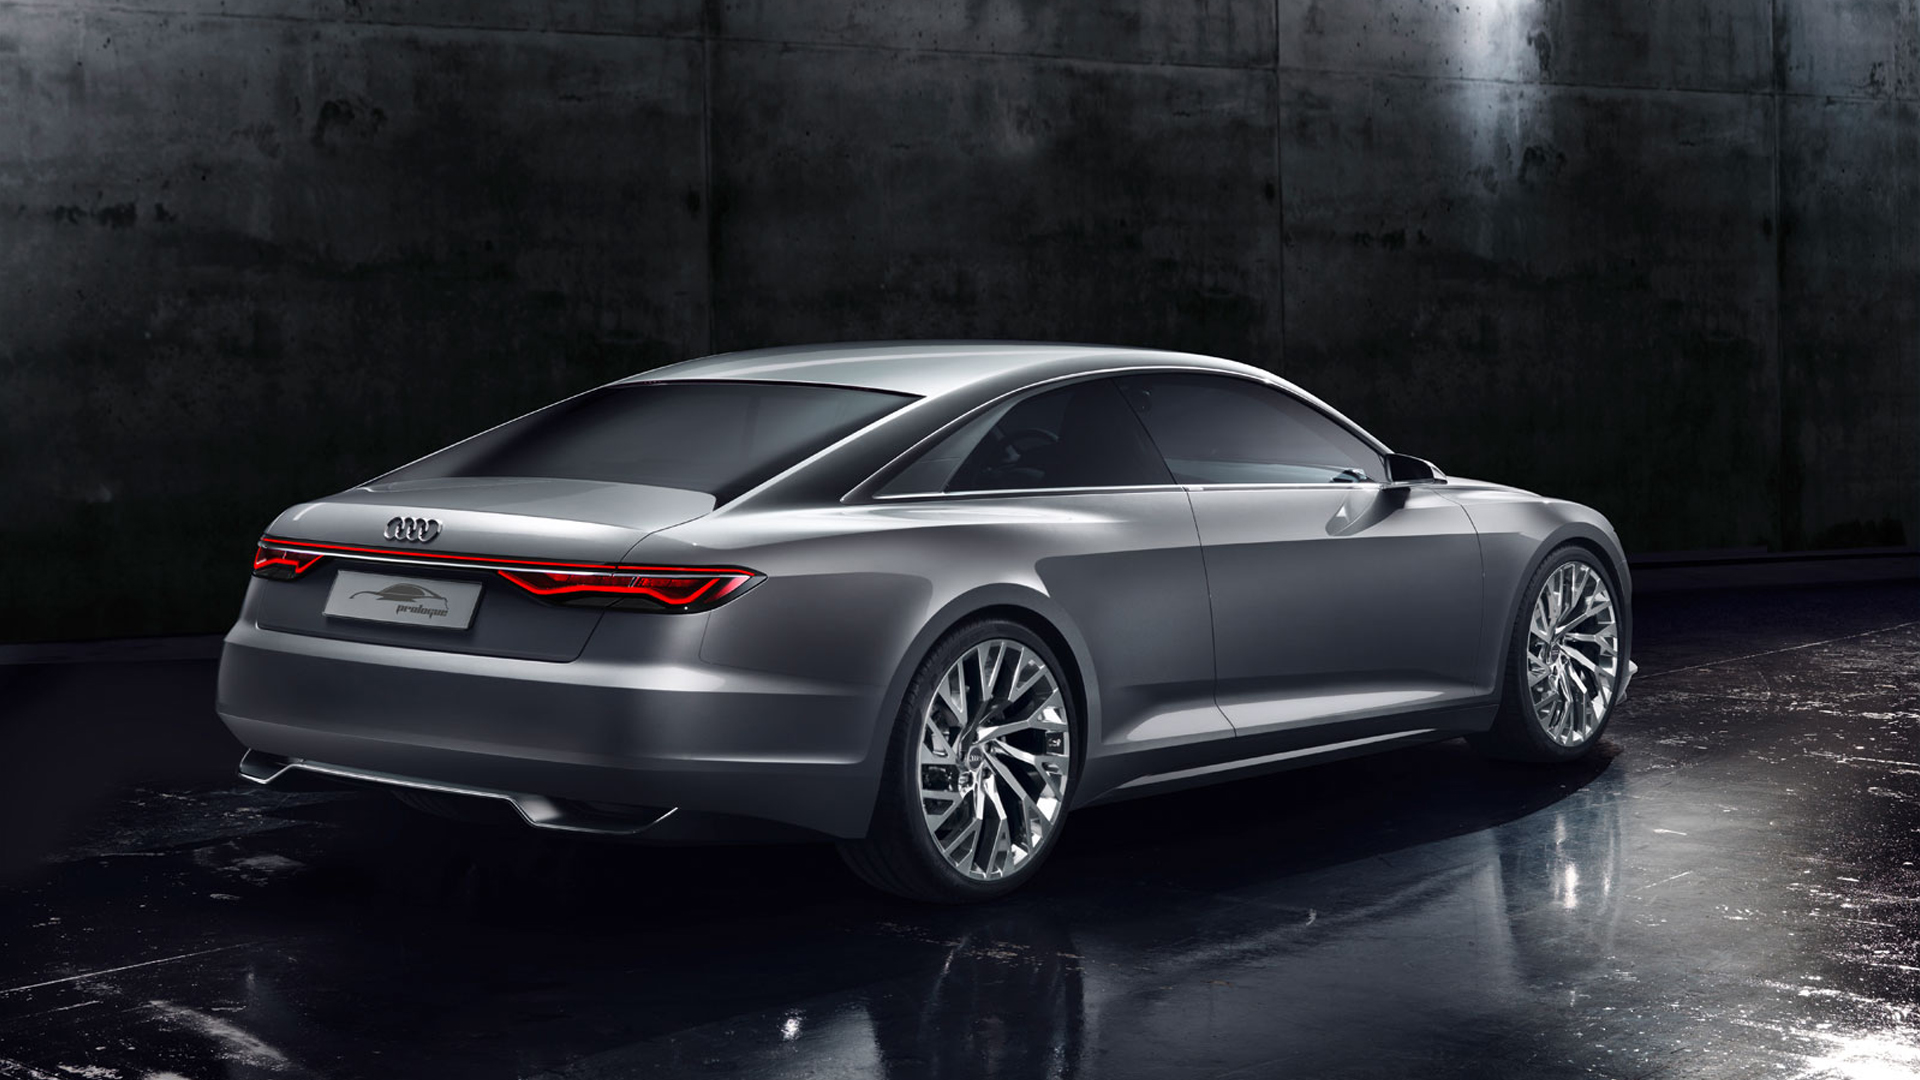 wp_audi_0004_Audi-Prologue-Concept-02